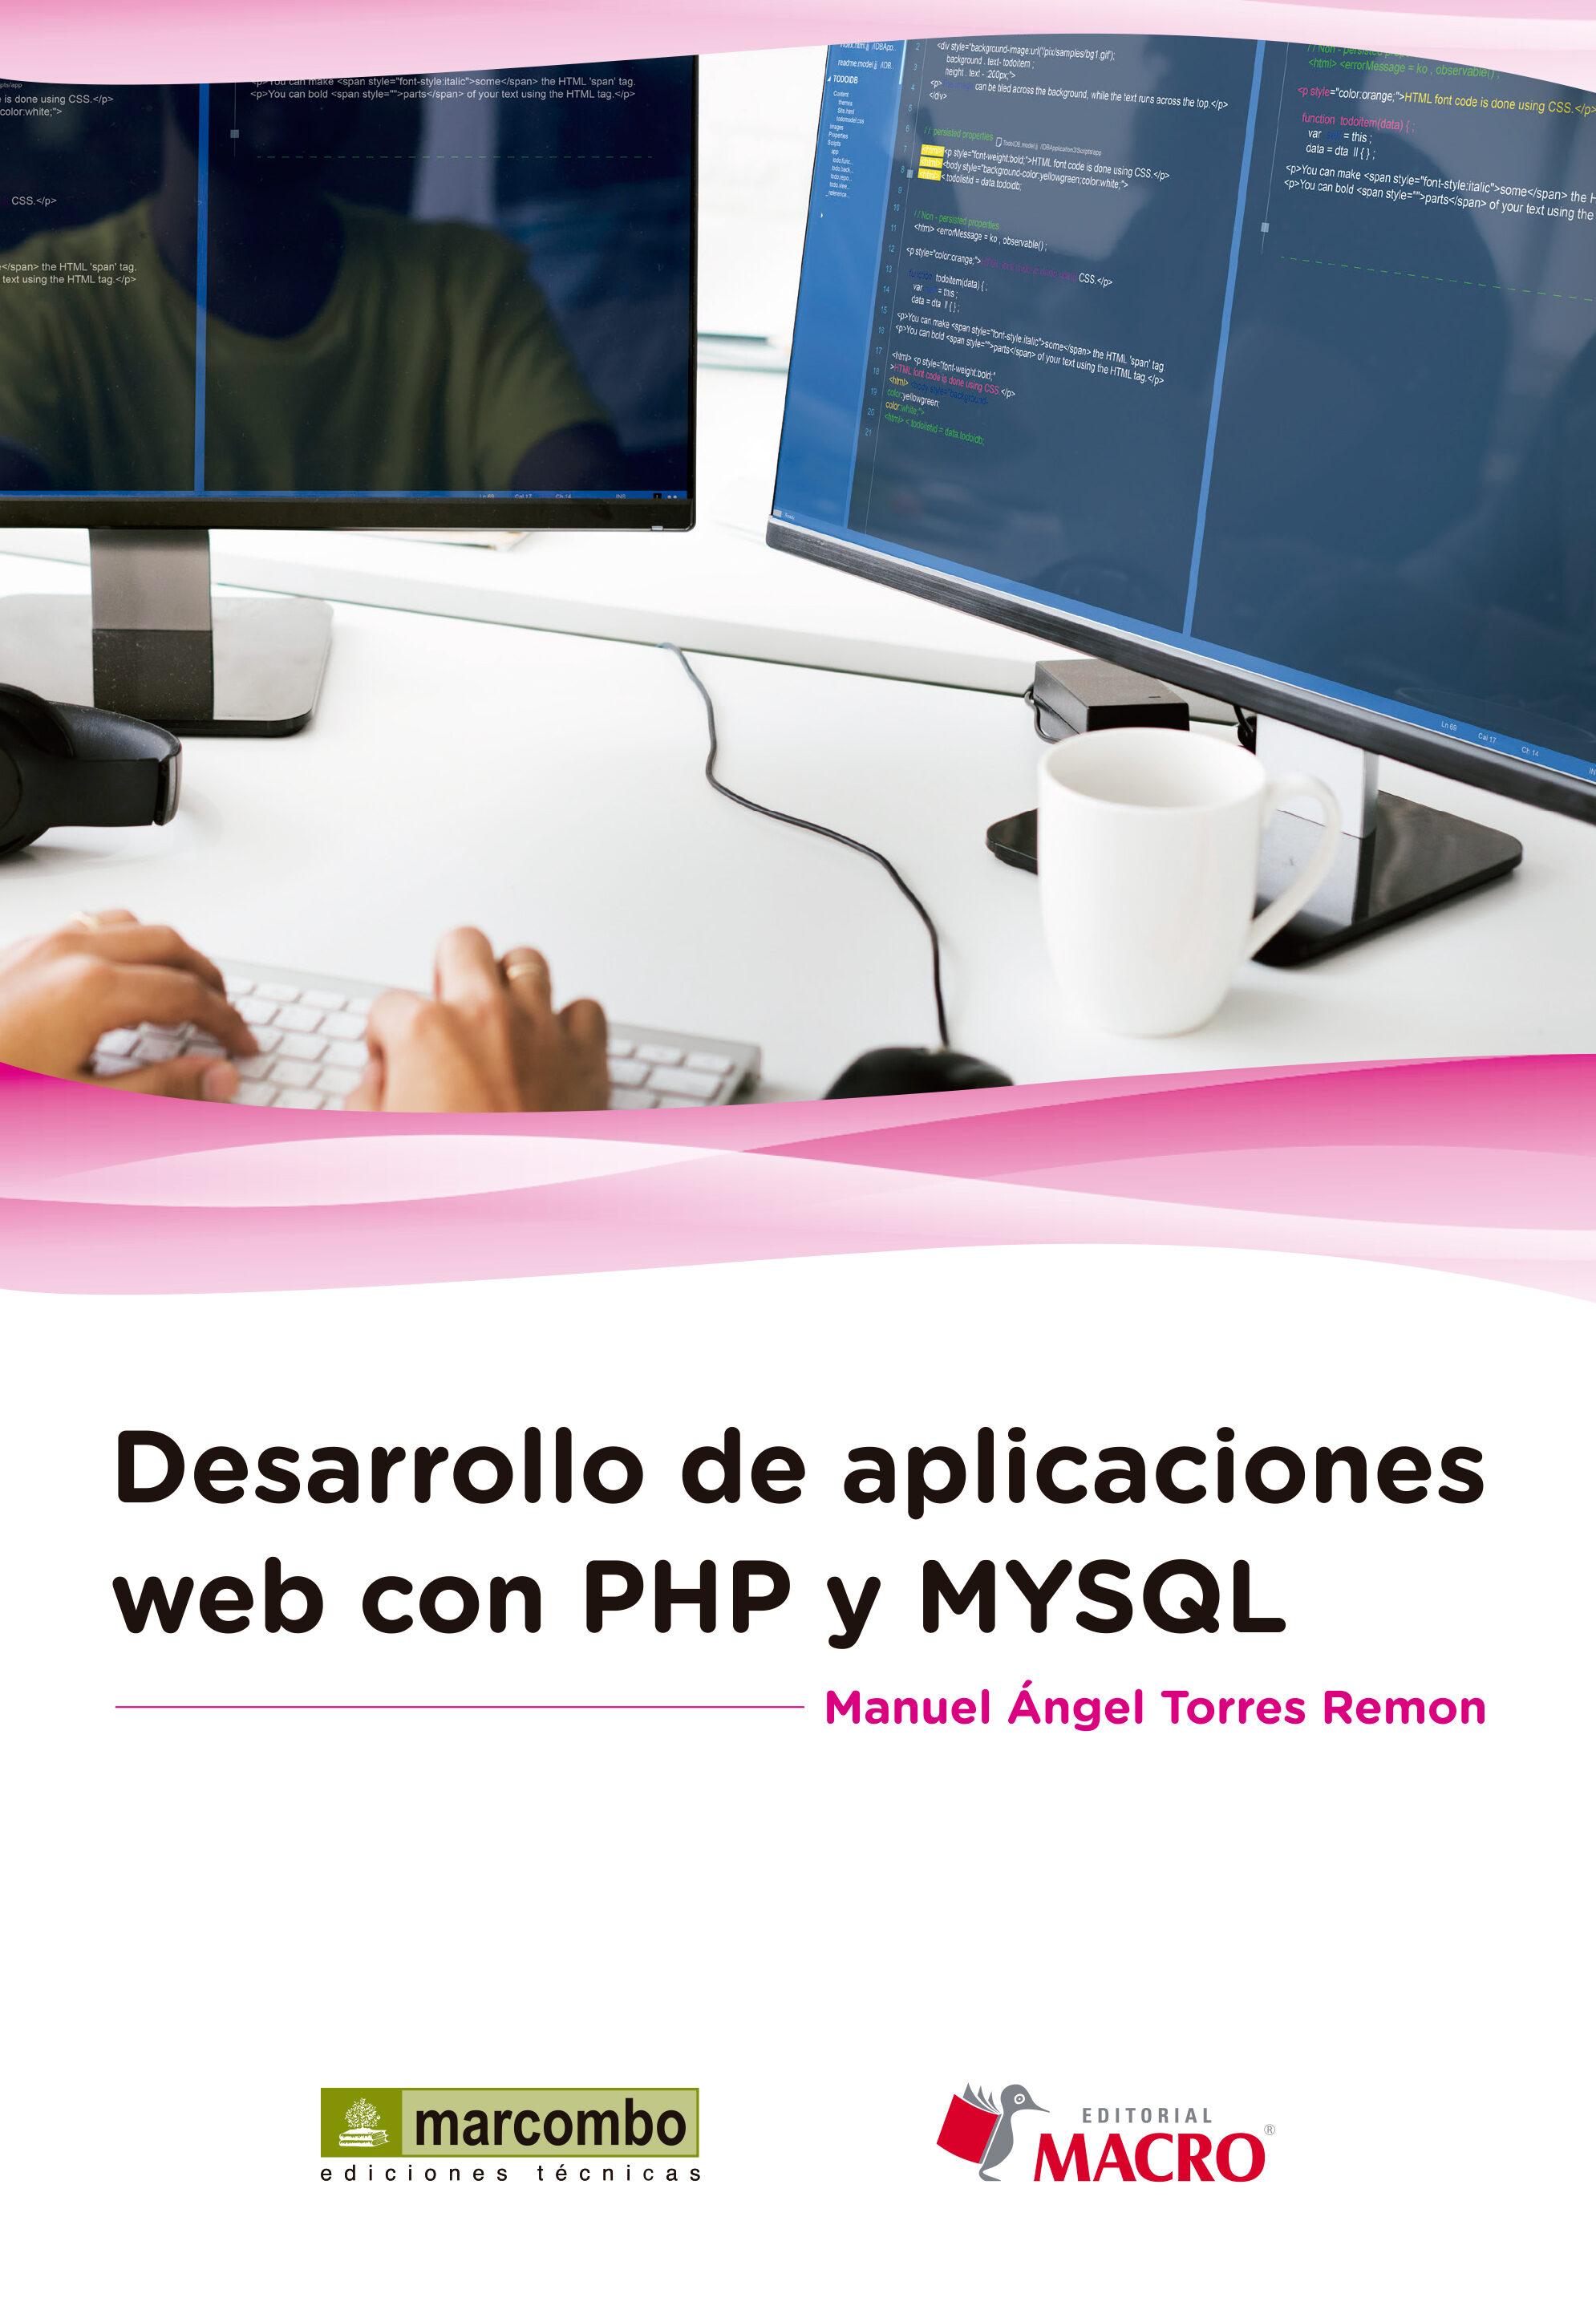 desarrollo de aplicaciones web con php y mysql-manuel �ngel torres remon-9788426723260